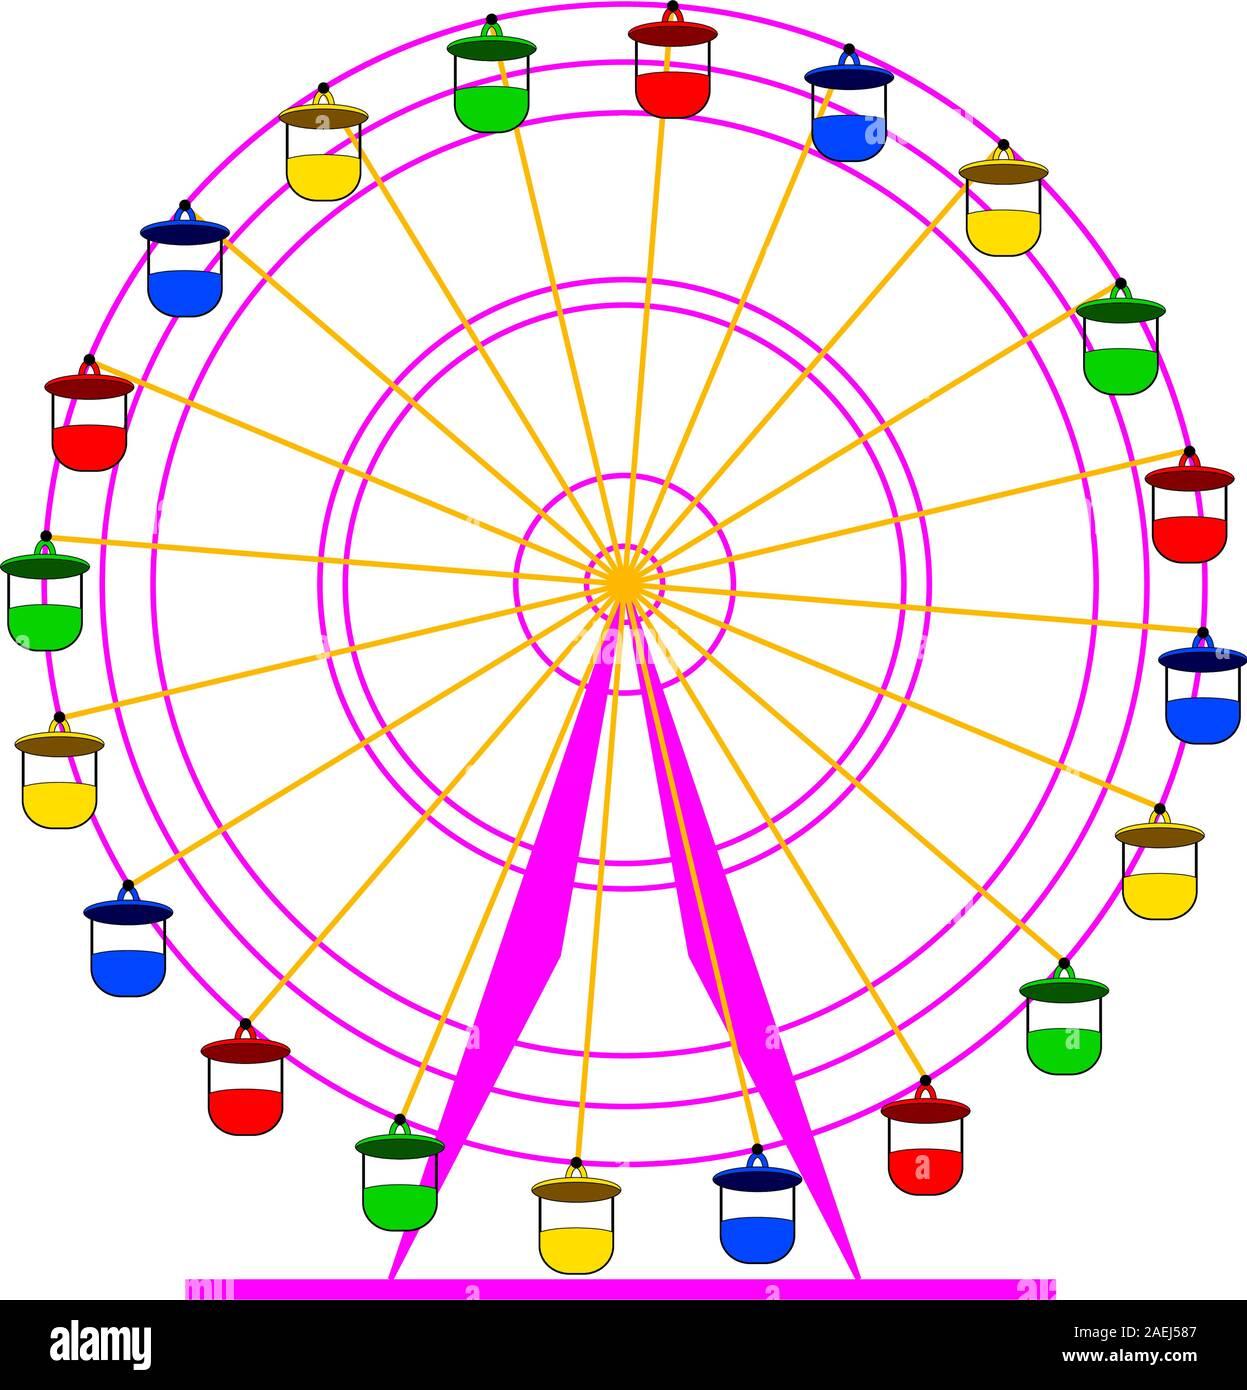 Atraktsion Silhouette grande roue colorée. Vector illustration. Illustration de Vecteur